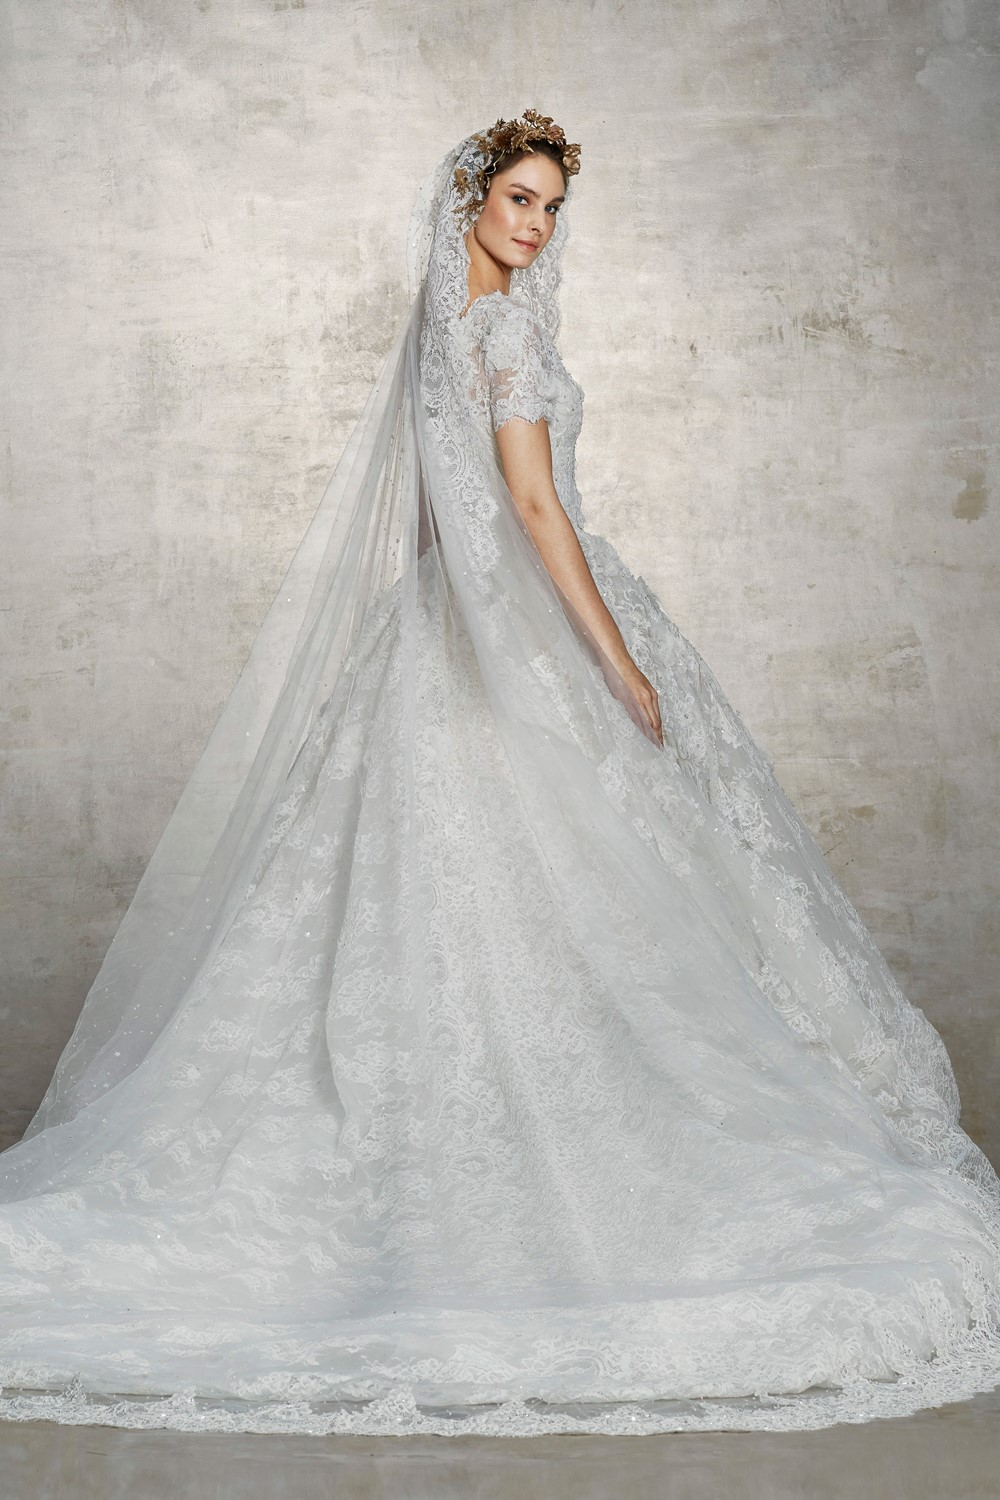 2019 Bridal Trends - Regal Marchesa